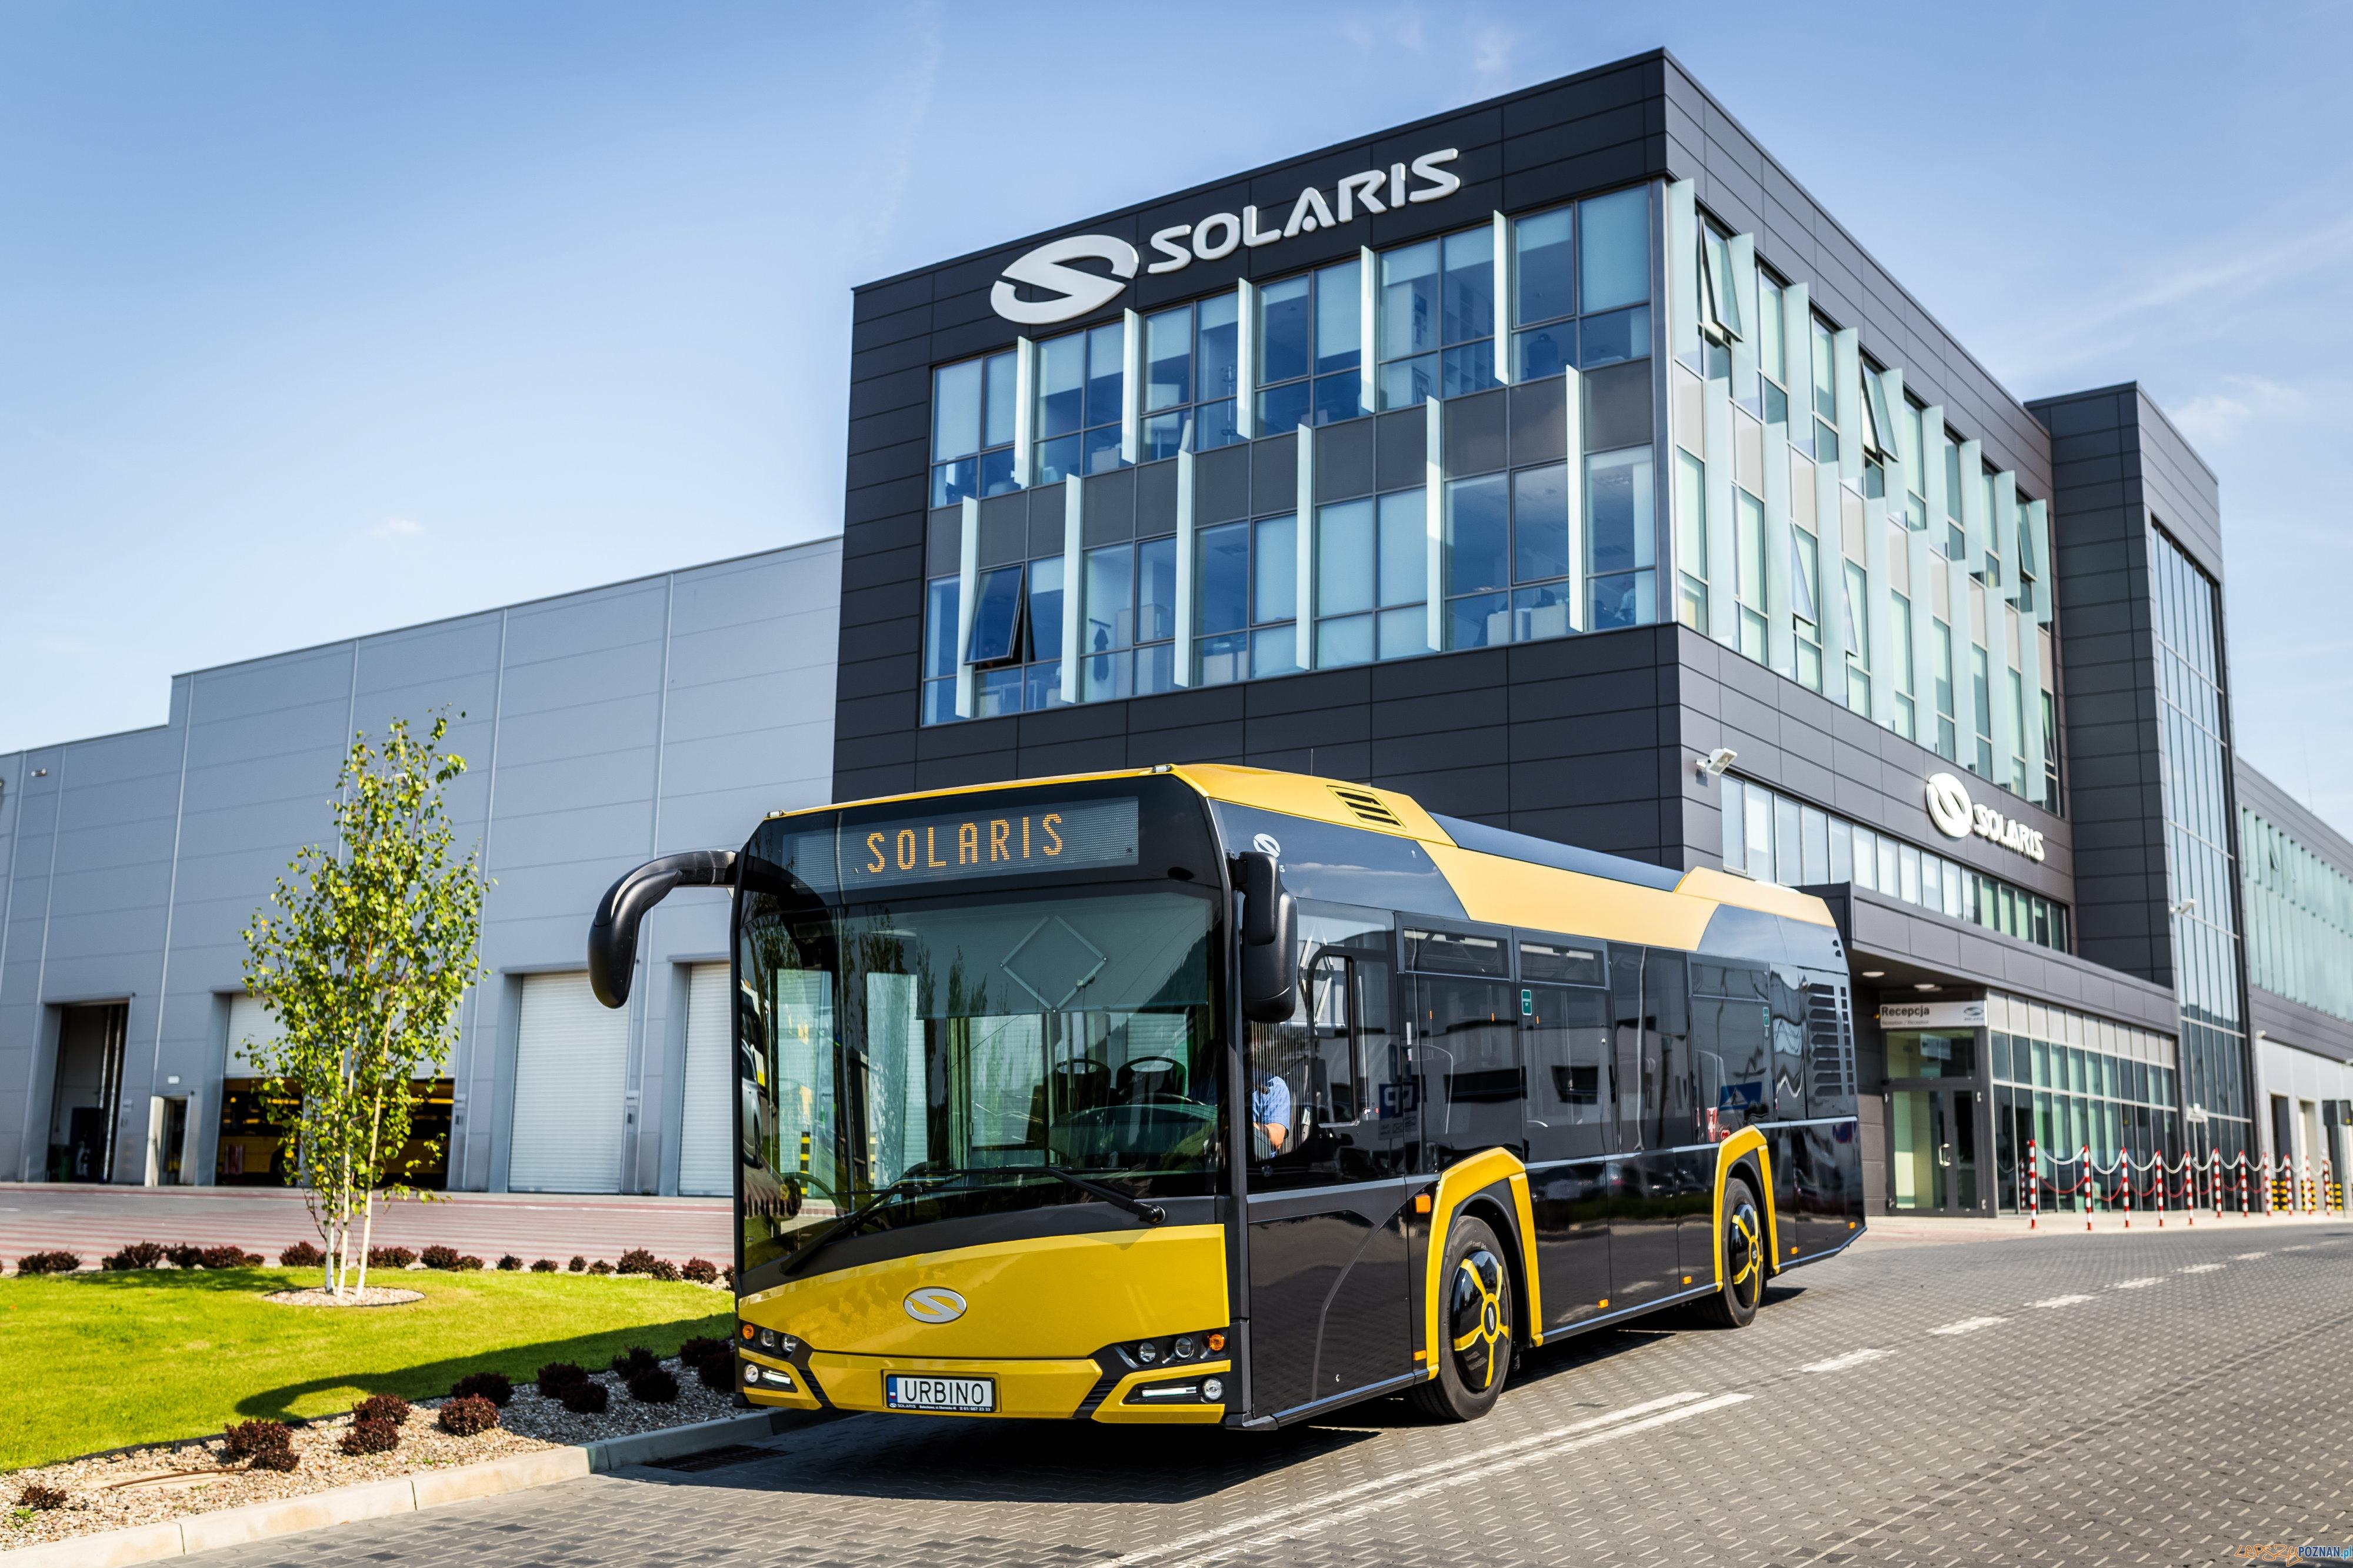 solaris urbino 10,5  Foto: Solaris